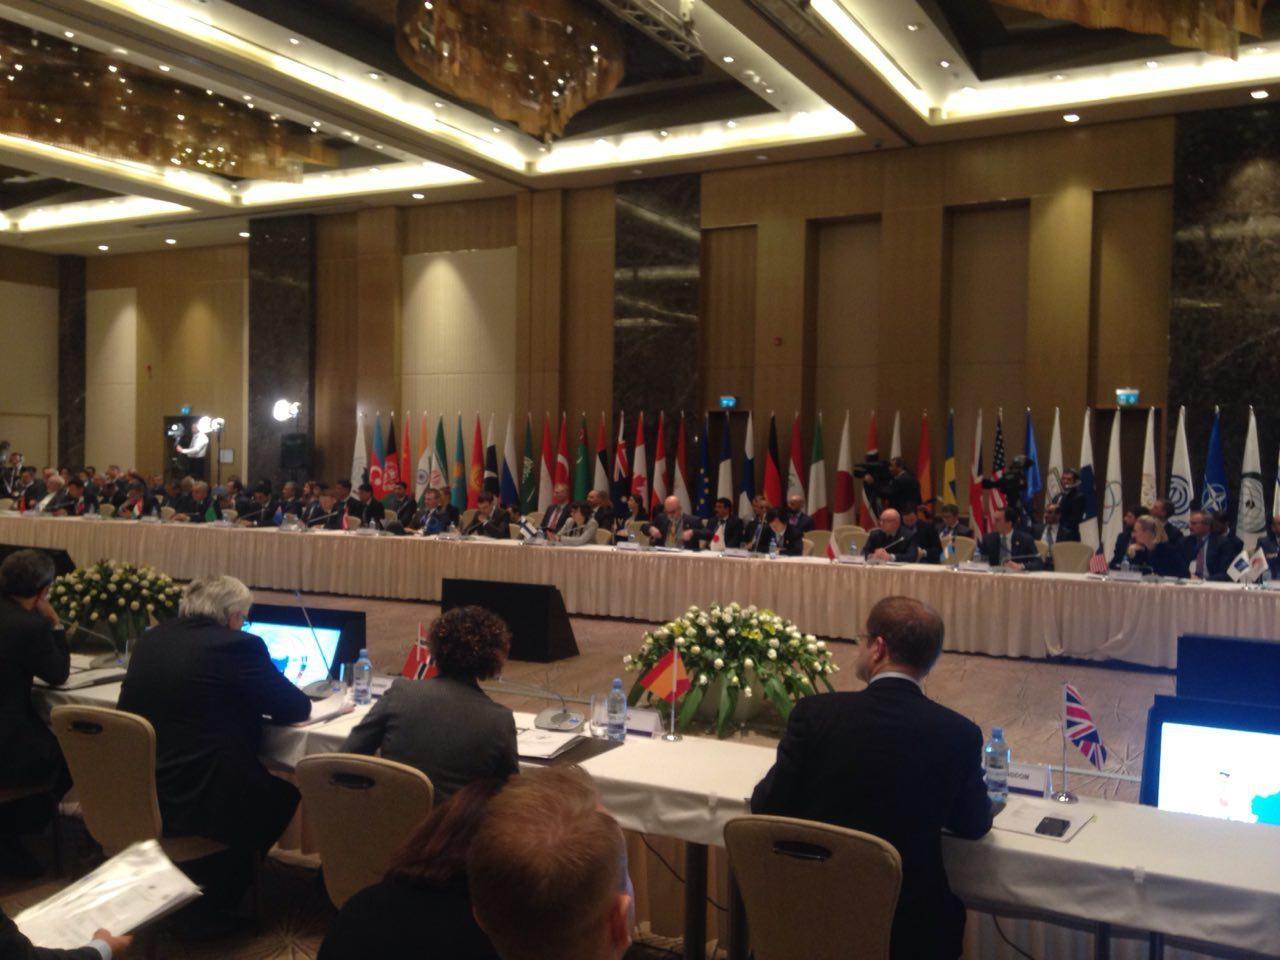 اجلاس قلب آسیا با حضور مقامات ۴۰ کشور و سازمان بین المللی در باکو آغاز شد